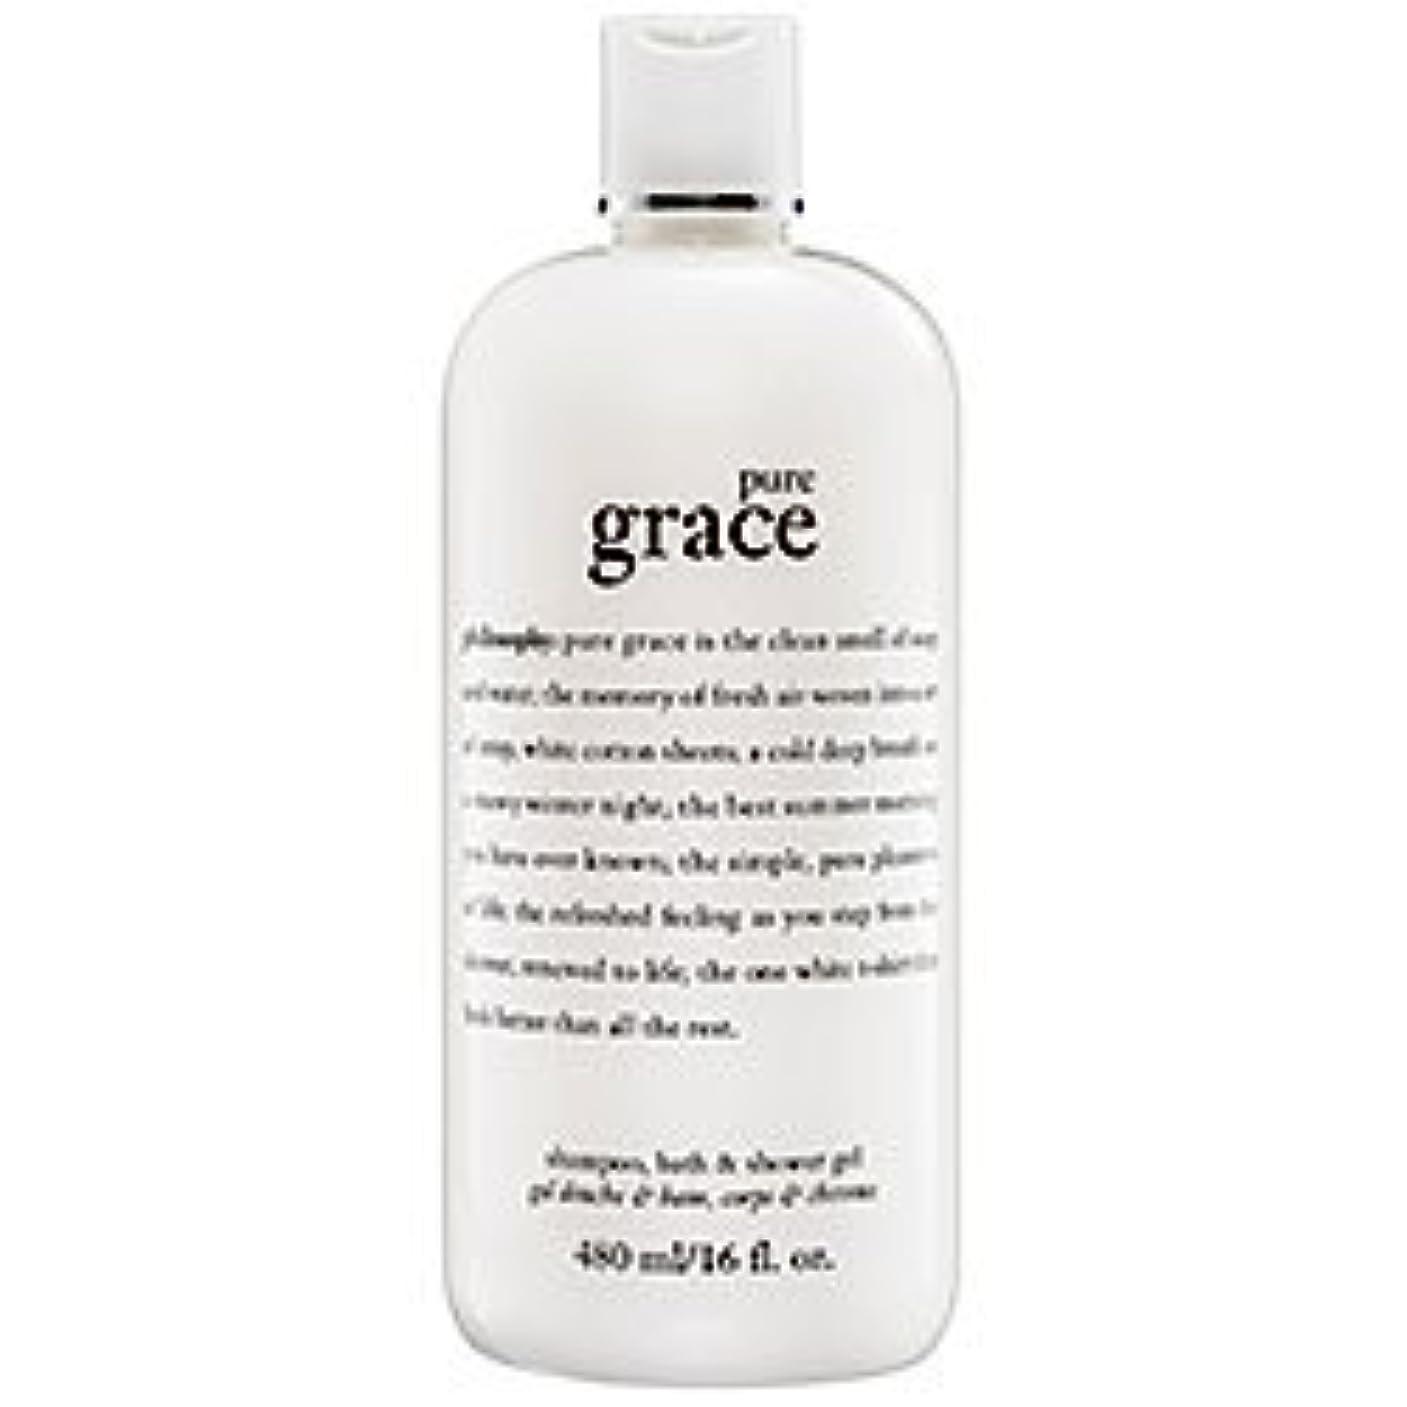 乱気流栄光のあそこpure grace (ピュアグレイス ) 16.0 oz (480ml) foaming bath and shower gel for Women